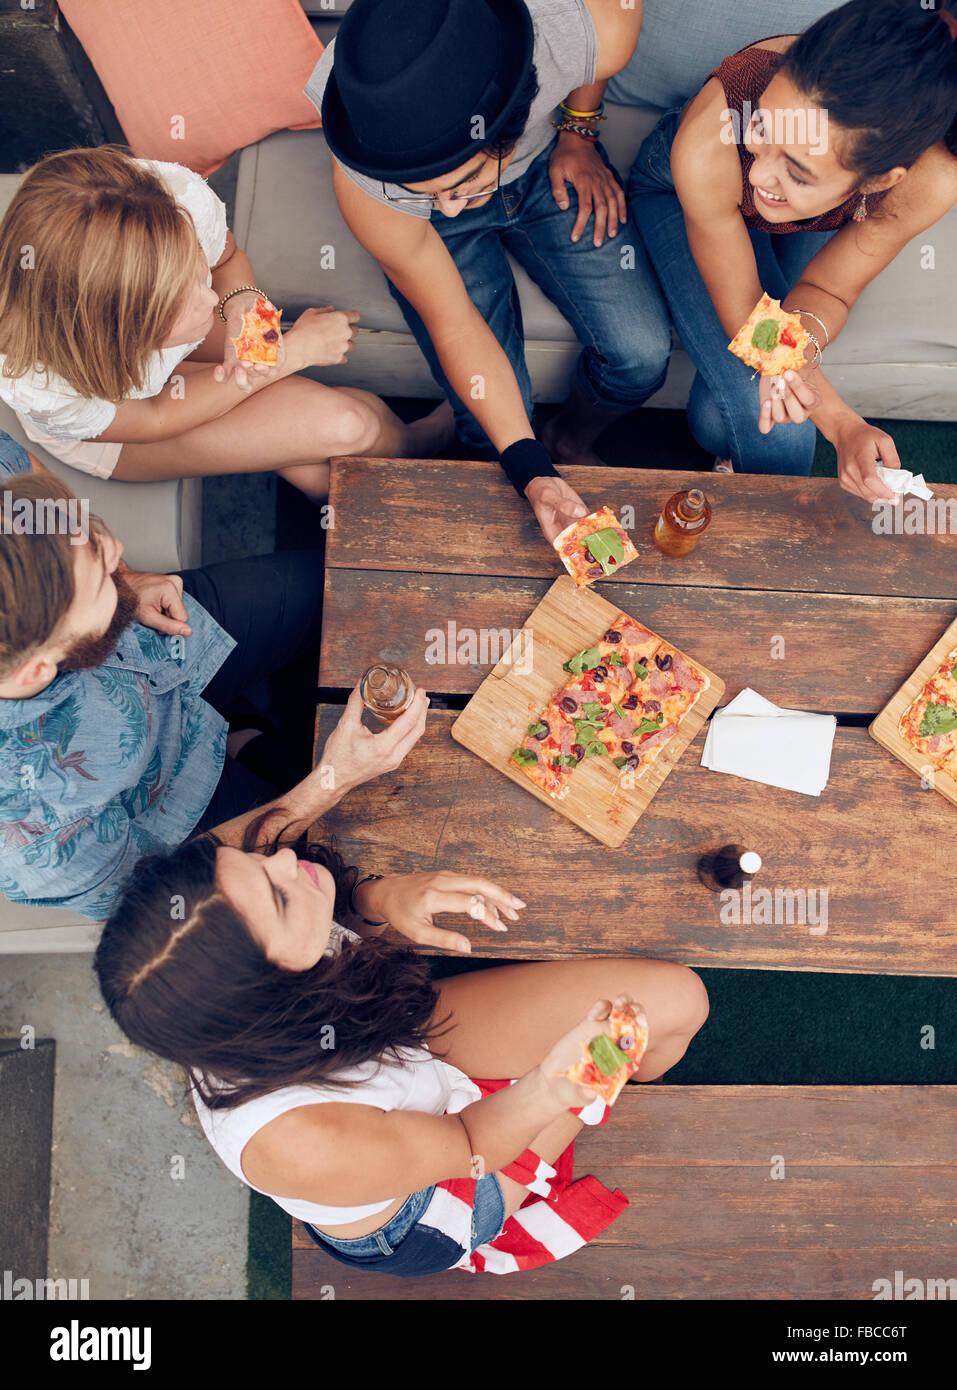 Vista superior del grupo de jóvenes tener bebidas y pizza a parte. Sus amigos multirracial juntos. Imagen De Stock